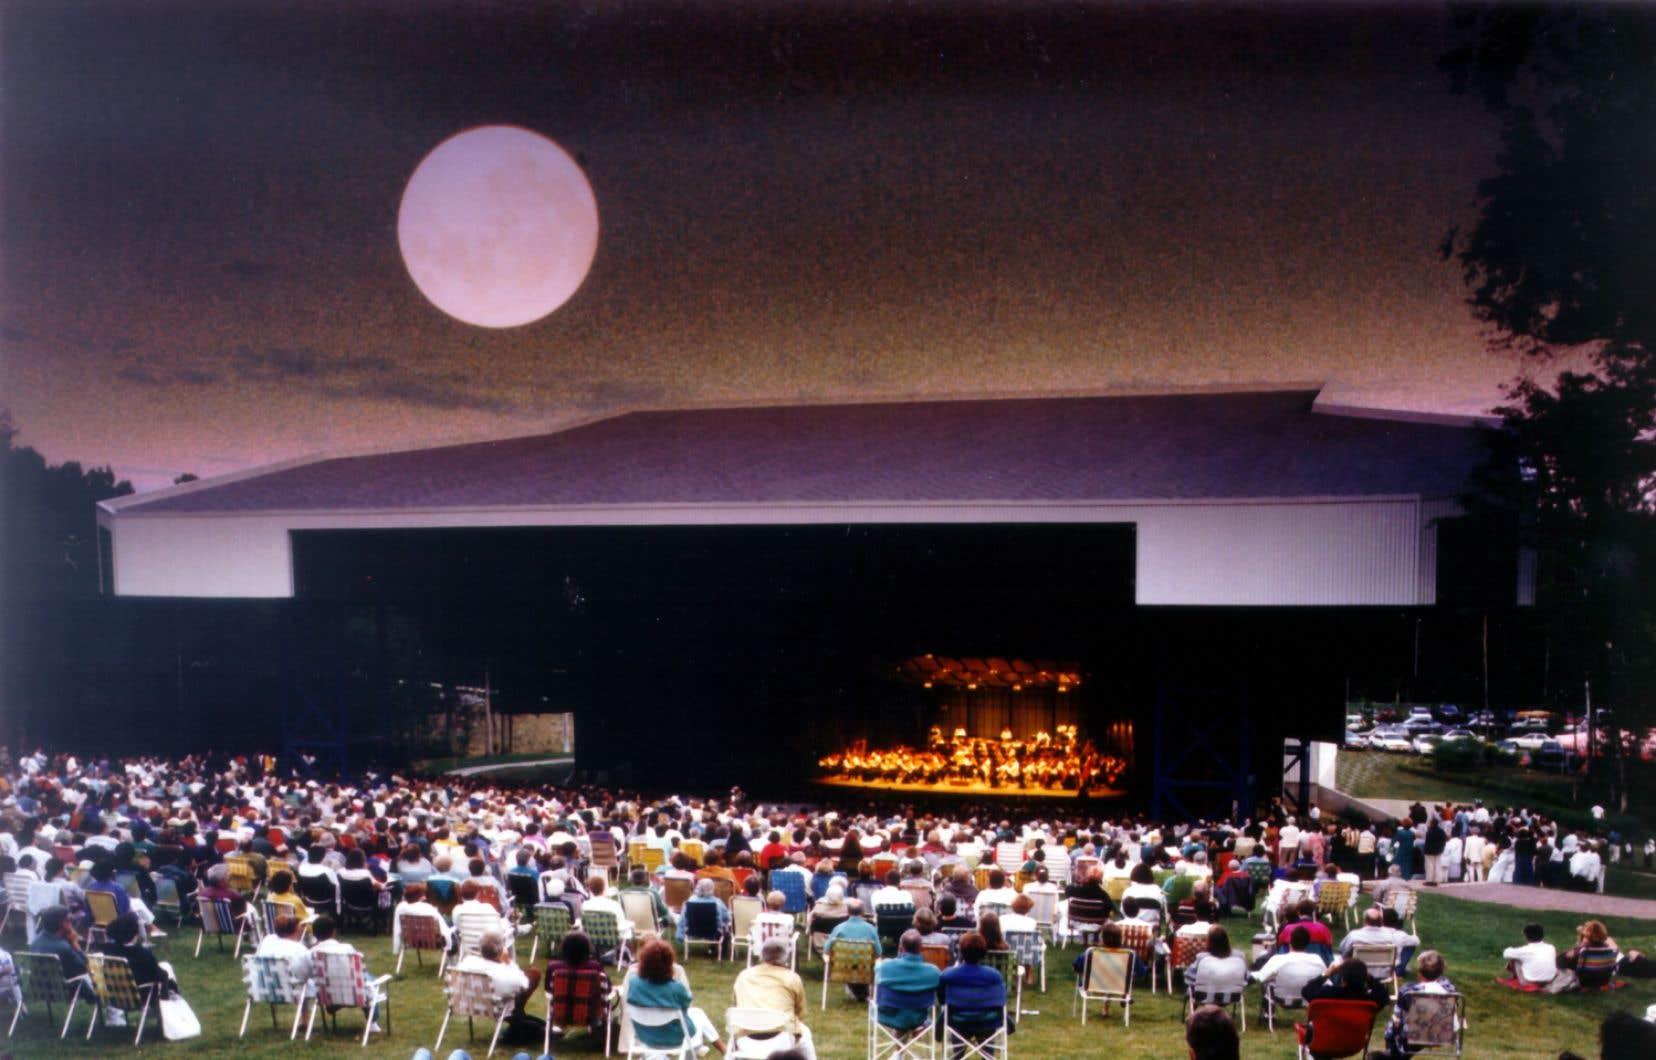 Le Festival de Lanaudière aura recours à ses archives pour entretenir la flamme à distance avec son public cet été.